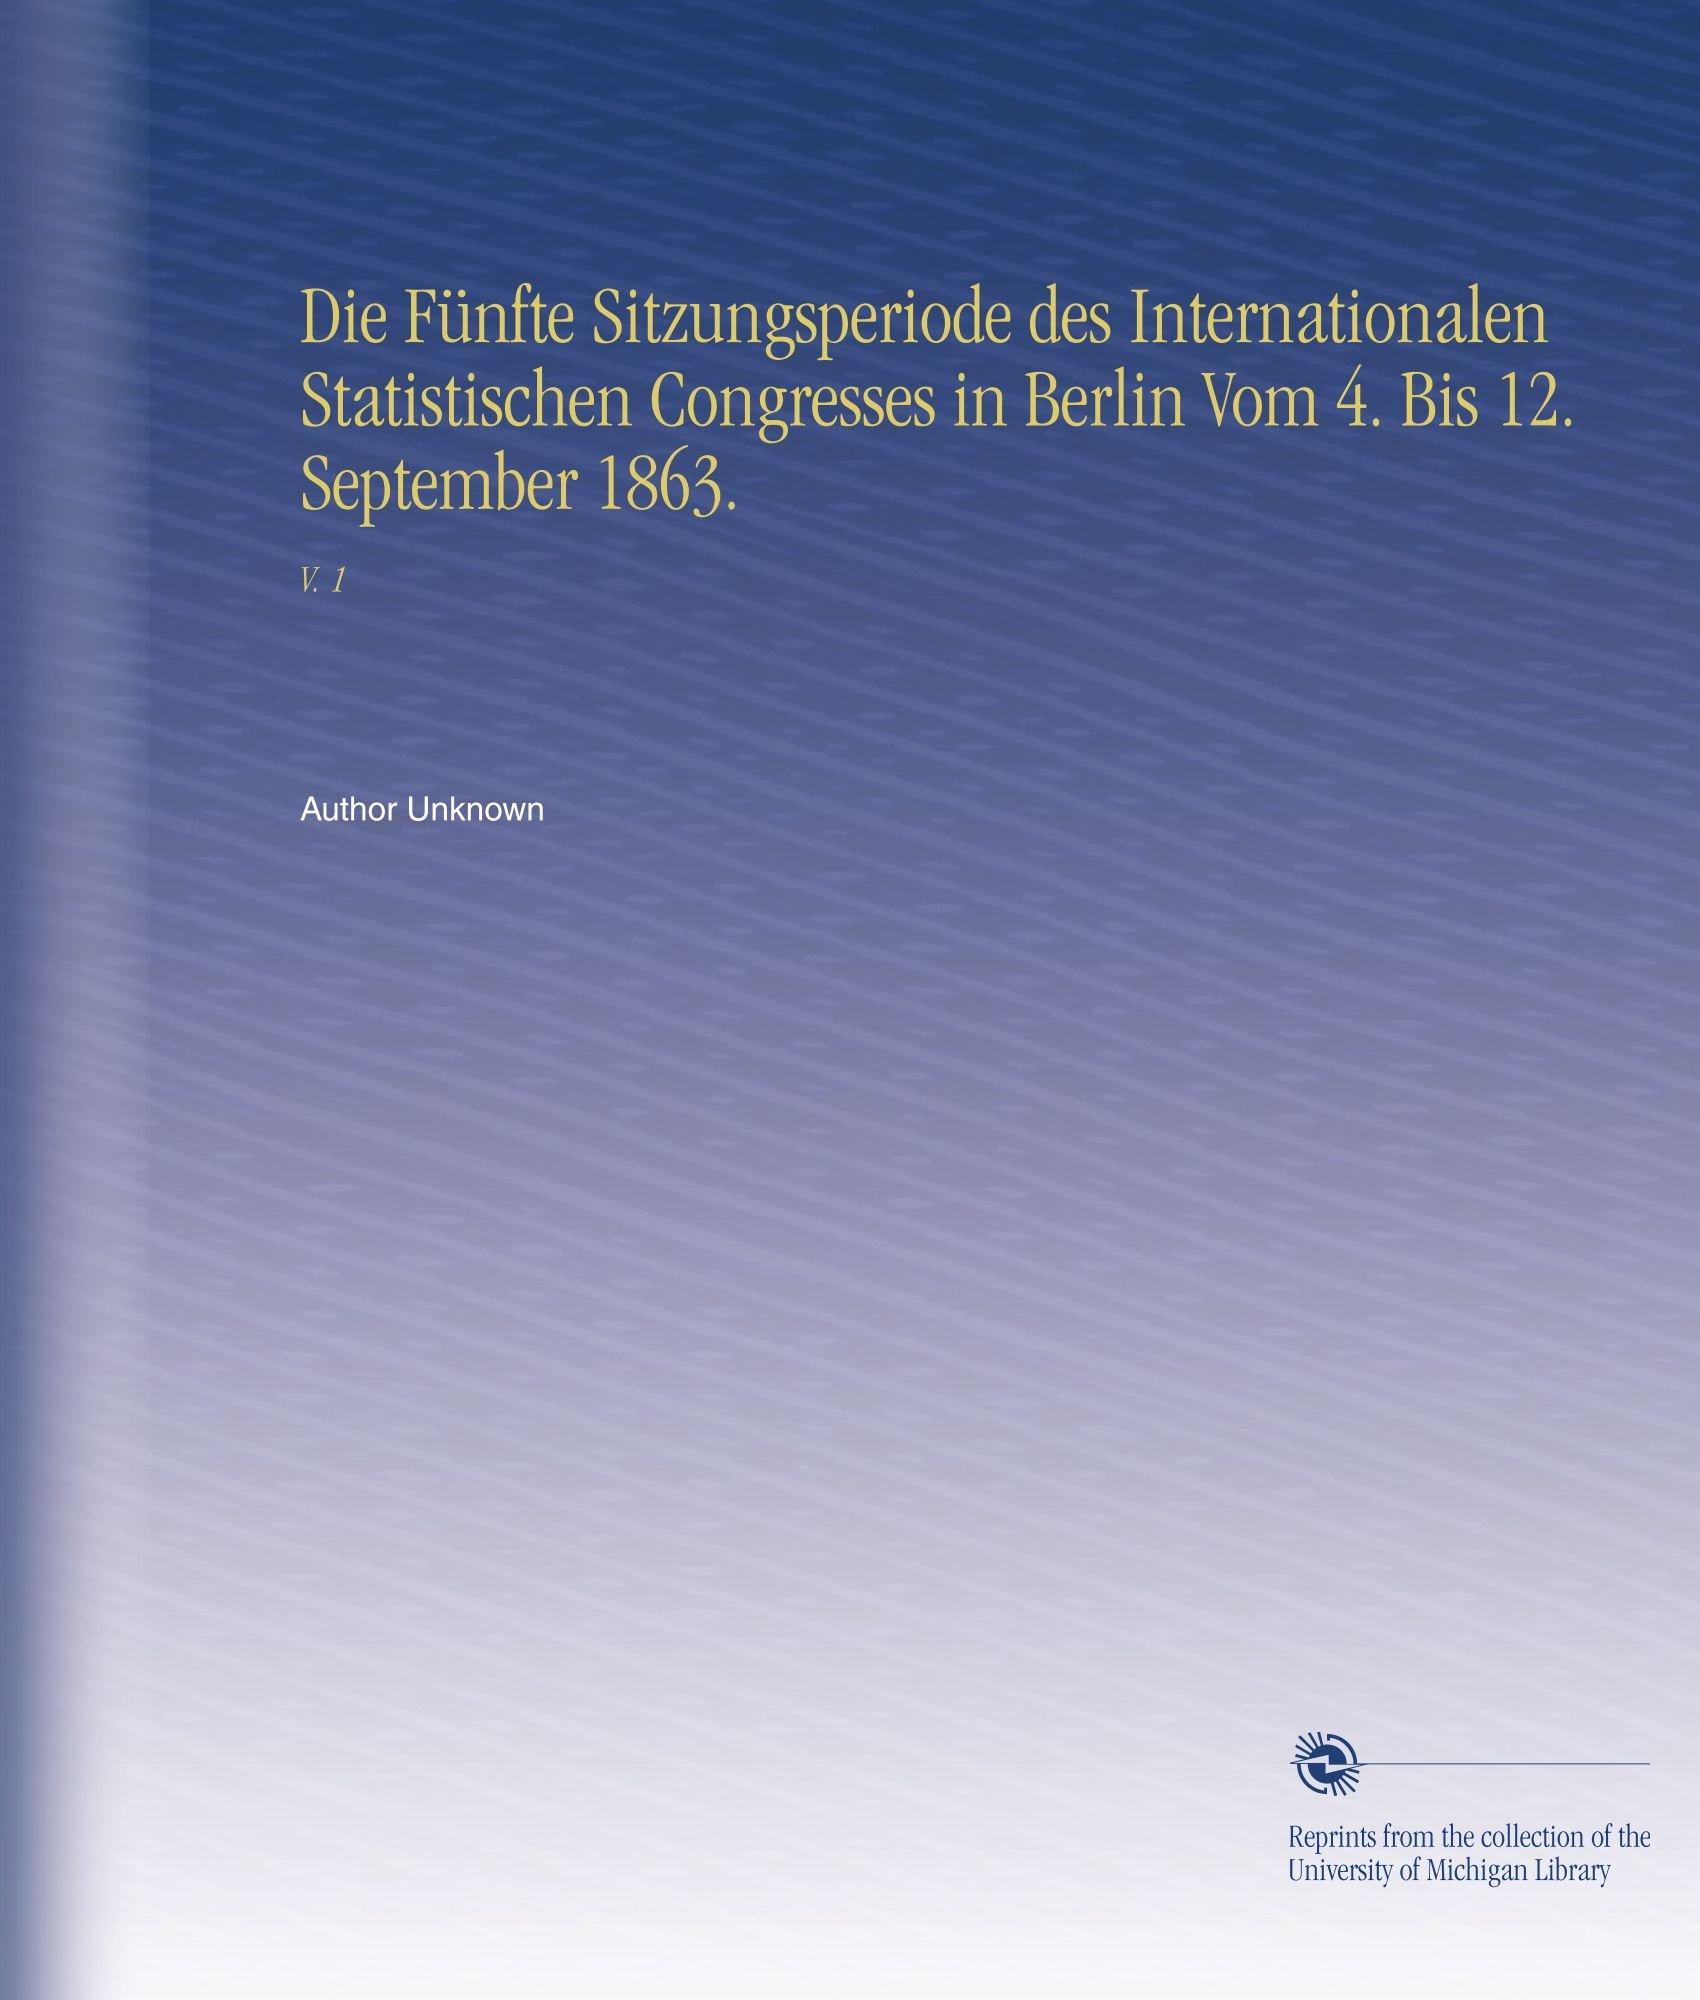 Download Die Fünfte Sitzungsperiode des Internationalen Statistischen Congresses in Berlin Vom 4. Bis 12. September 1863.: V. 1 (German Edition) pdf epub